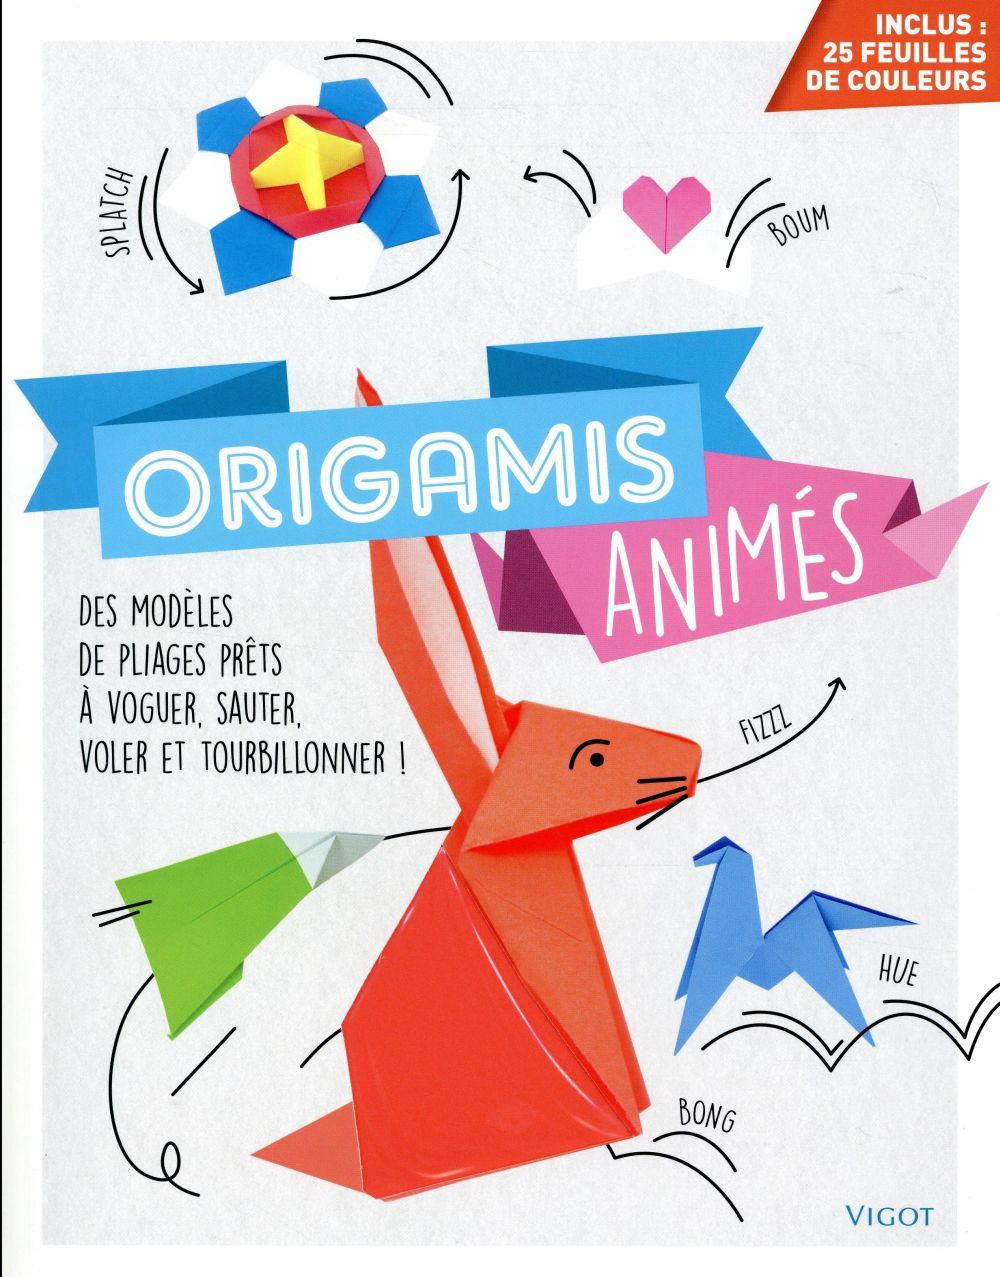 ORIGAMIS ANIMES - DES MODELES DE PLIAGES PRETS A VOGUER, SAUTER, VOLER ET TOURBILLONNER !